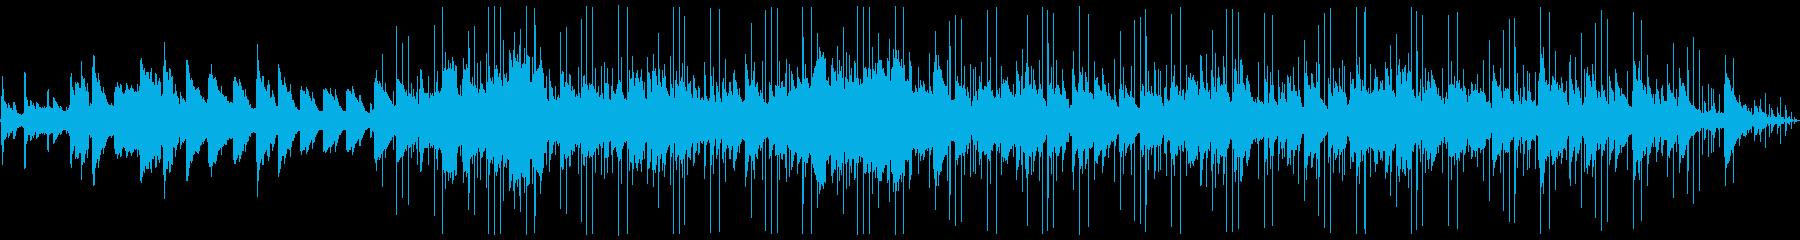 海の中をイメージしたピアノとイルカの声の再生済みの波形